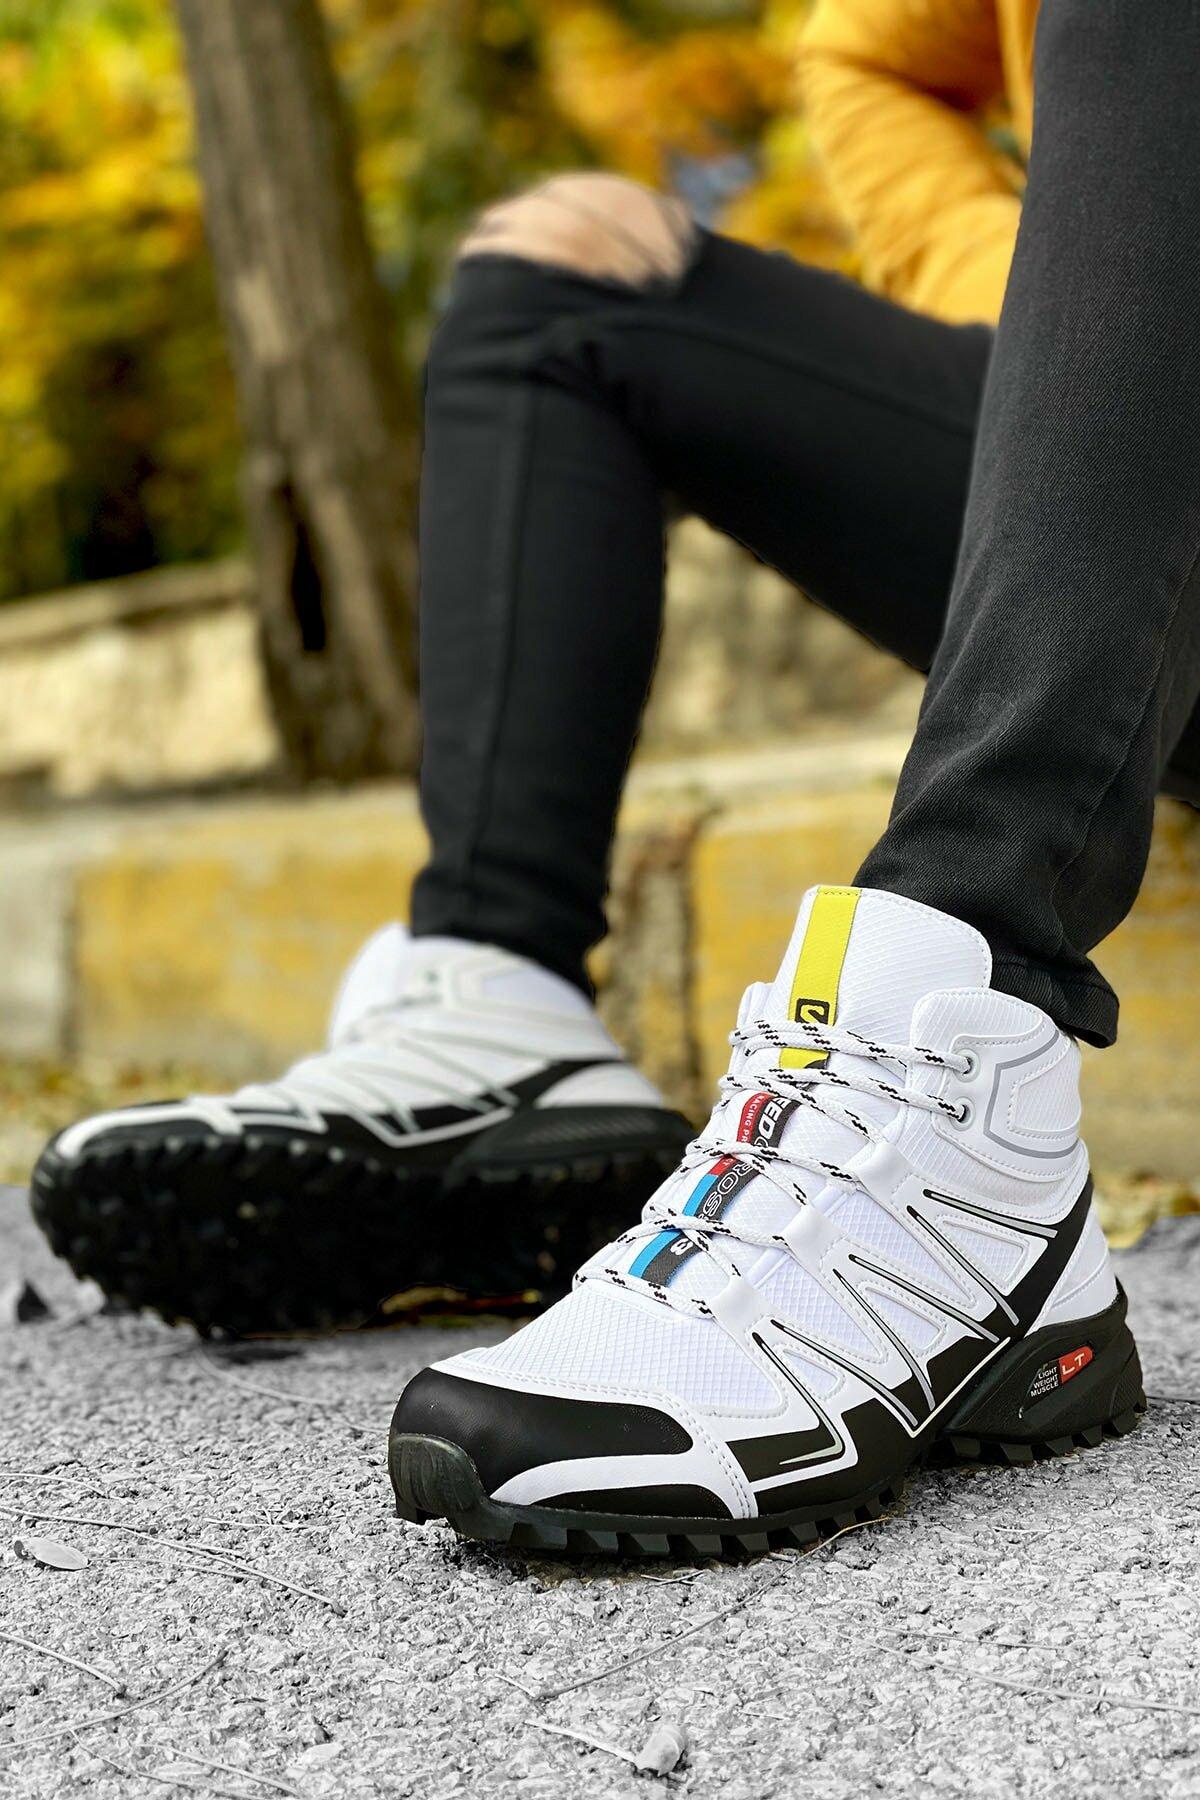 Светящиеся туфли серии Solaman, взрывозащищенные кроссовки, Уличная обувь большого размера, нескользящая повседневная спортивная обувь